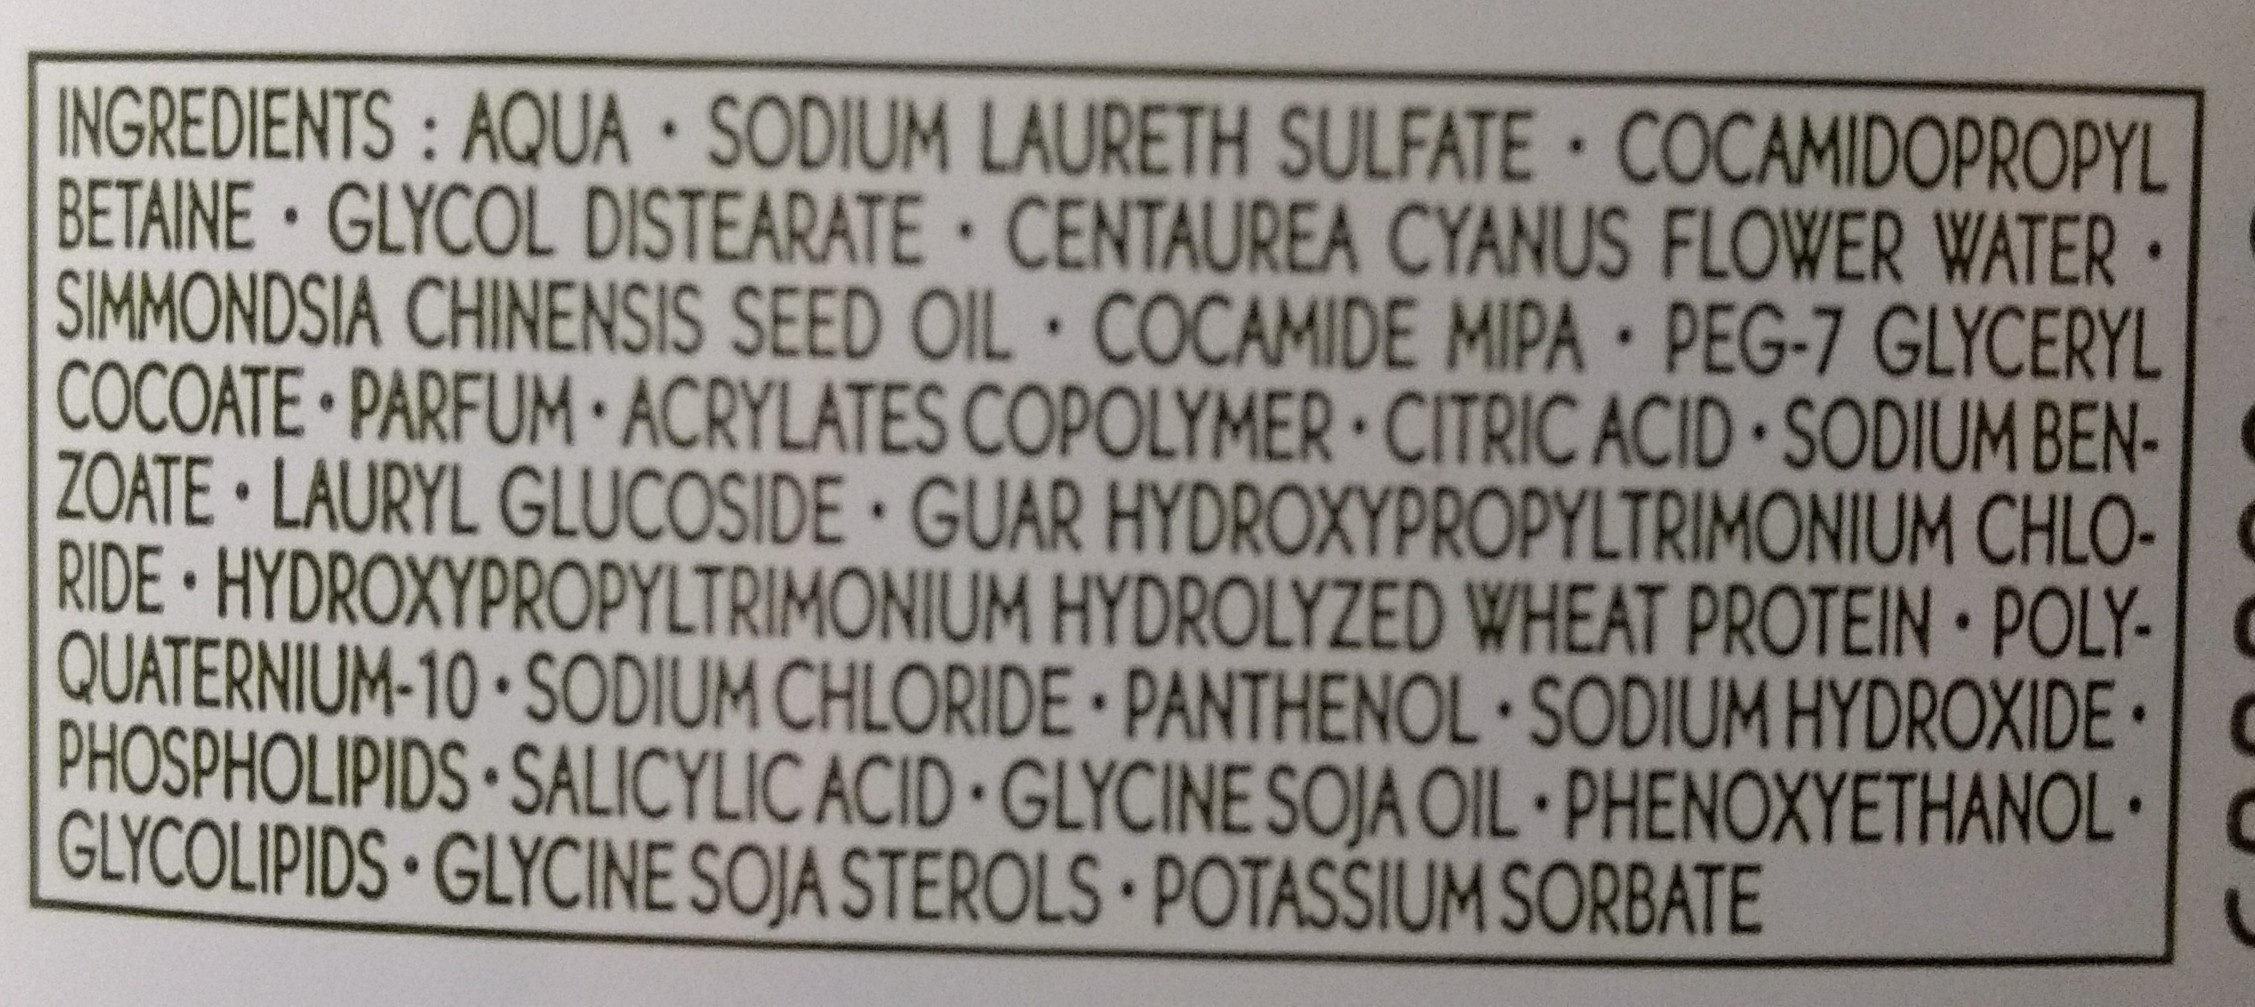 Riparazione - Shampoo Trattamento Nutri-Riparatore - Ingredients - it